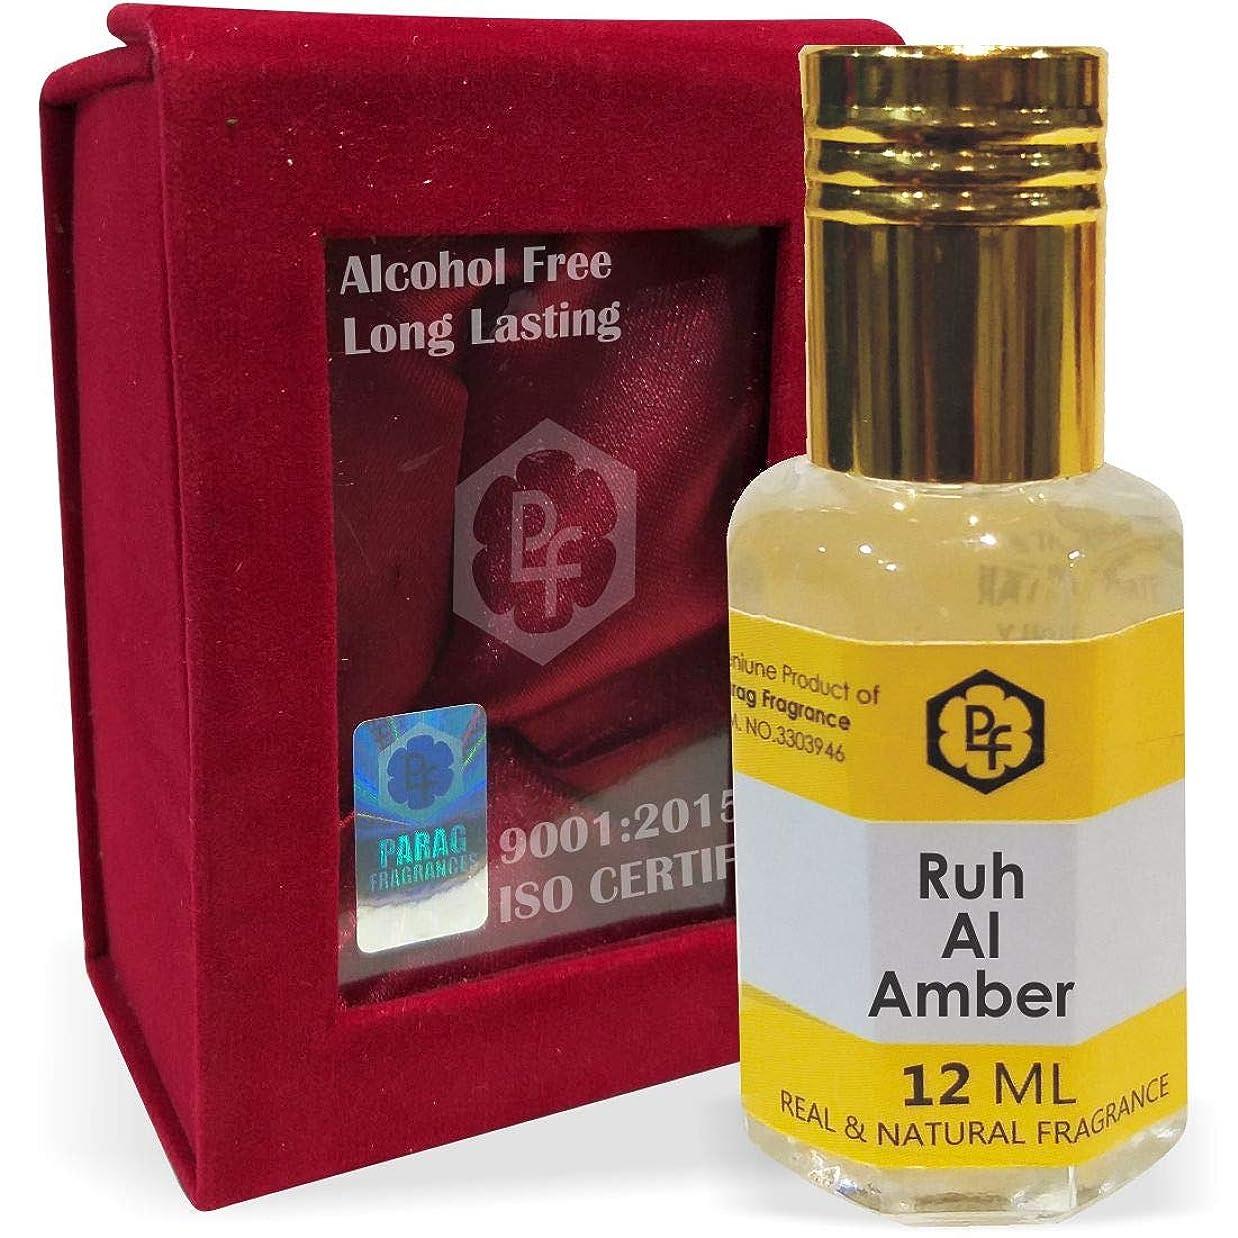 眠っている第二にノベルティ手作りのベルベットボックスParagフレグランスRUHアルアンバー12ミリリットルアター/香油/(インドの伝統的なBhapka処理方法により、インド製)フレグランスオイル|アターITRA最高の品質長持ち